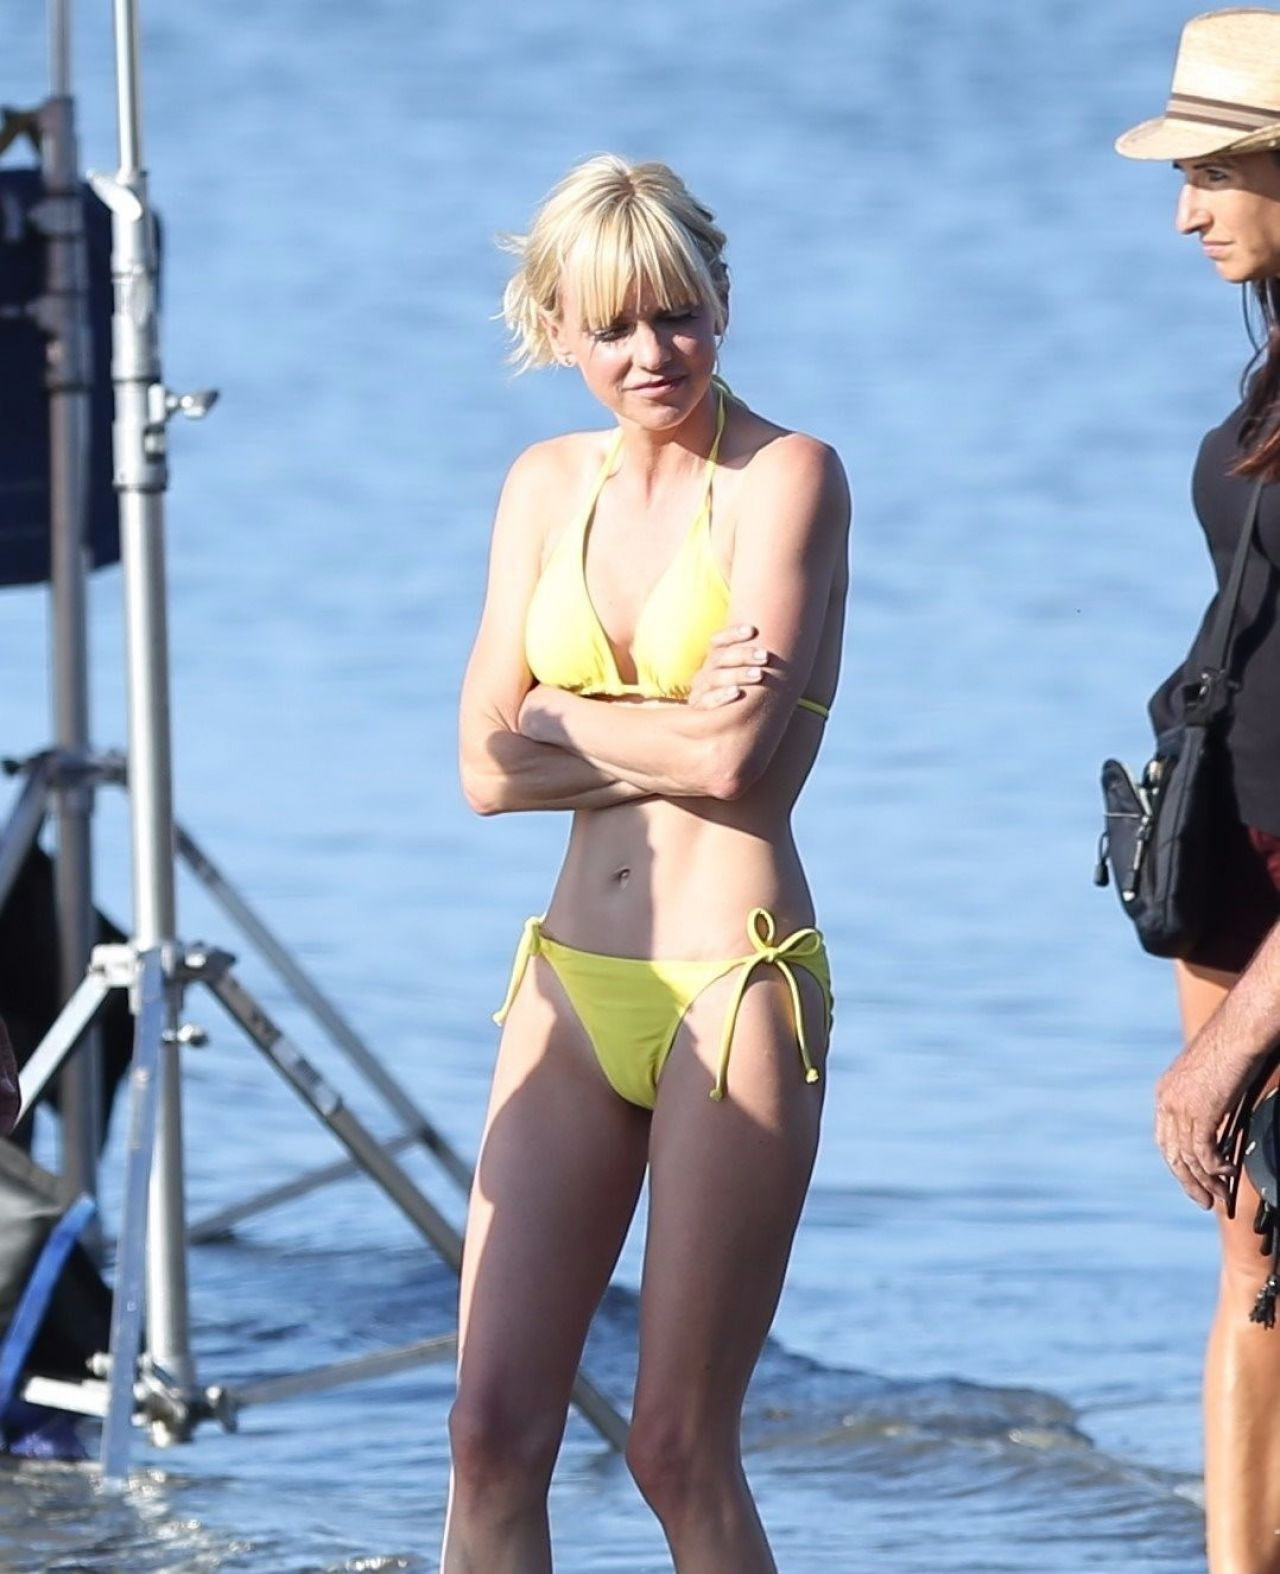 Leaked Bikini The fapening naked photo 2017